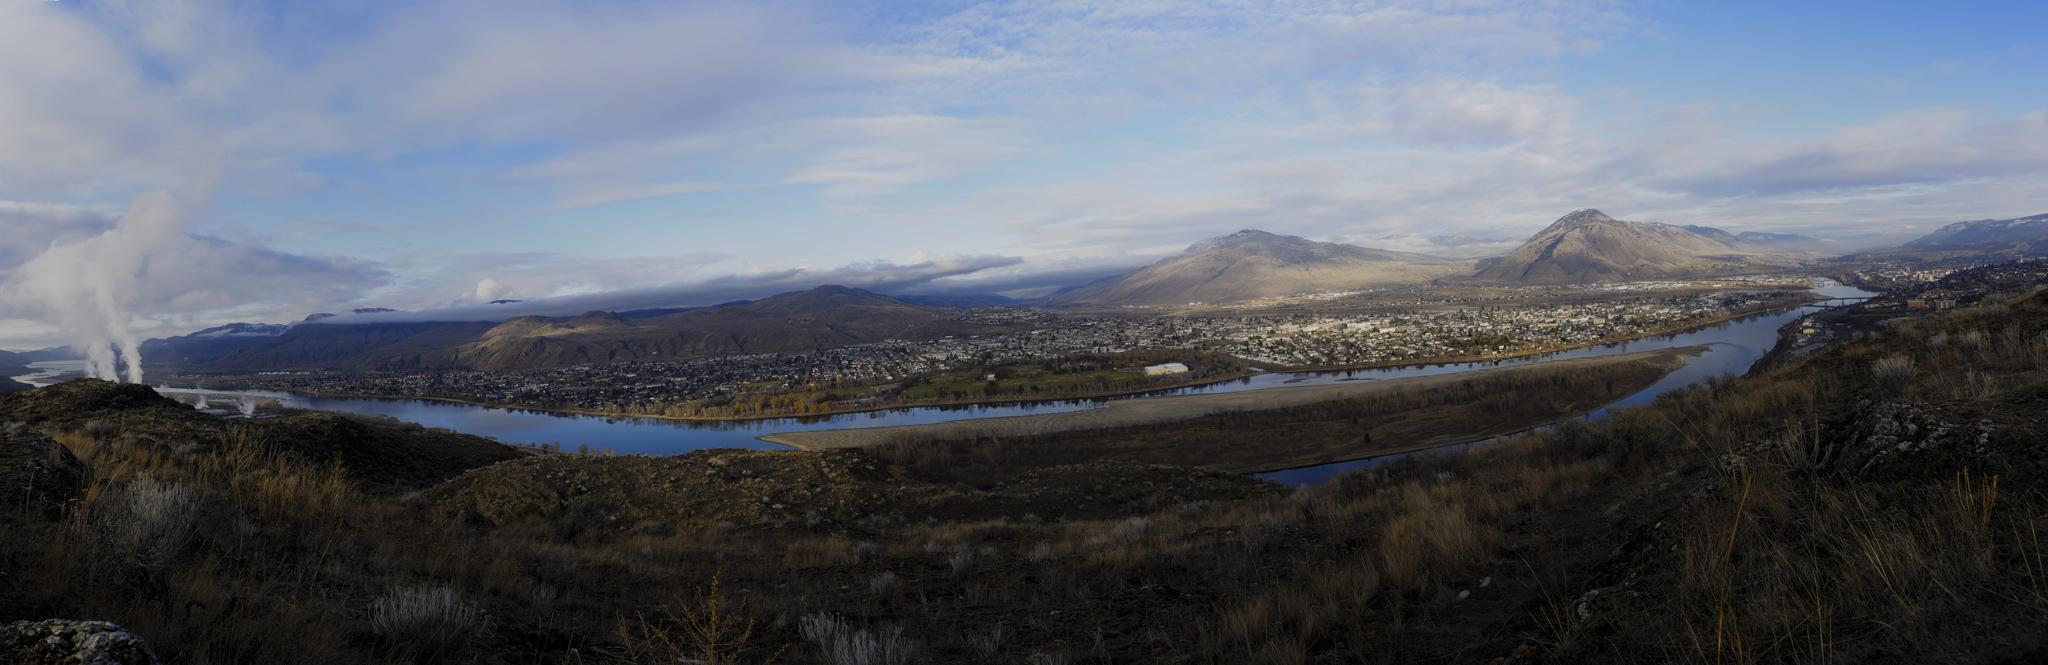 Kamloops Panorama 2